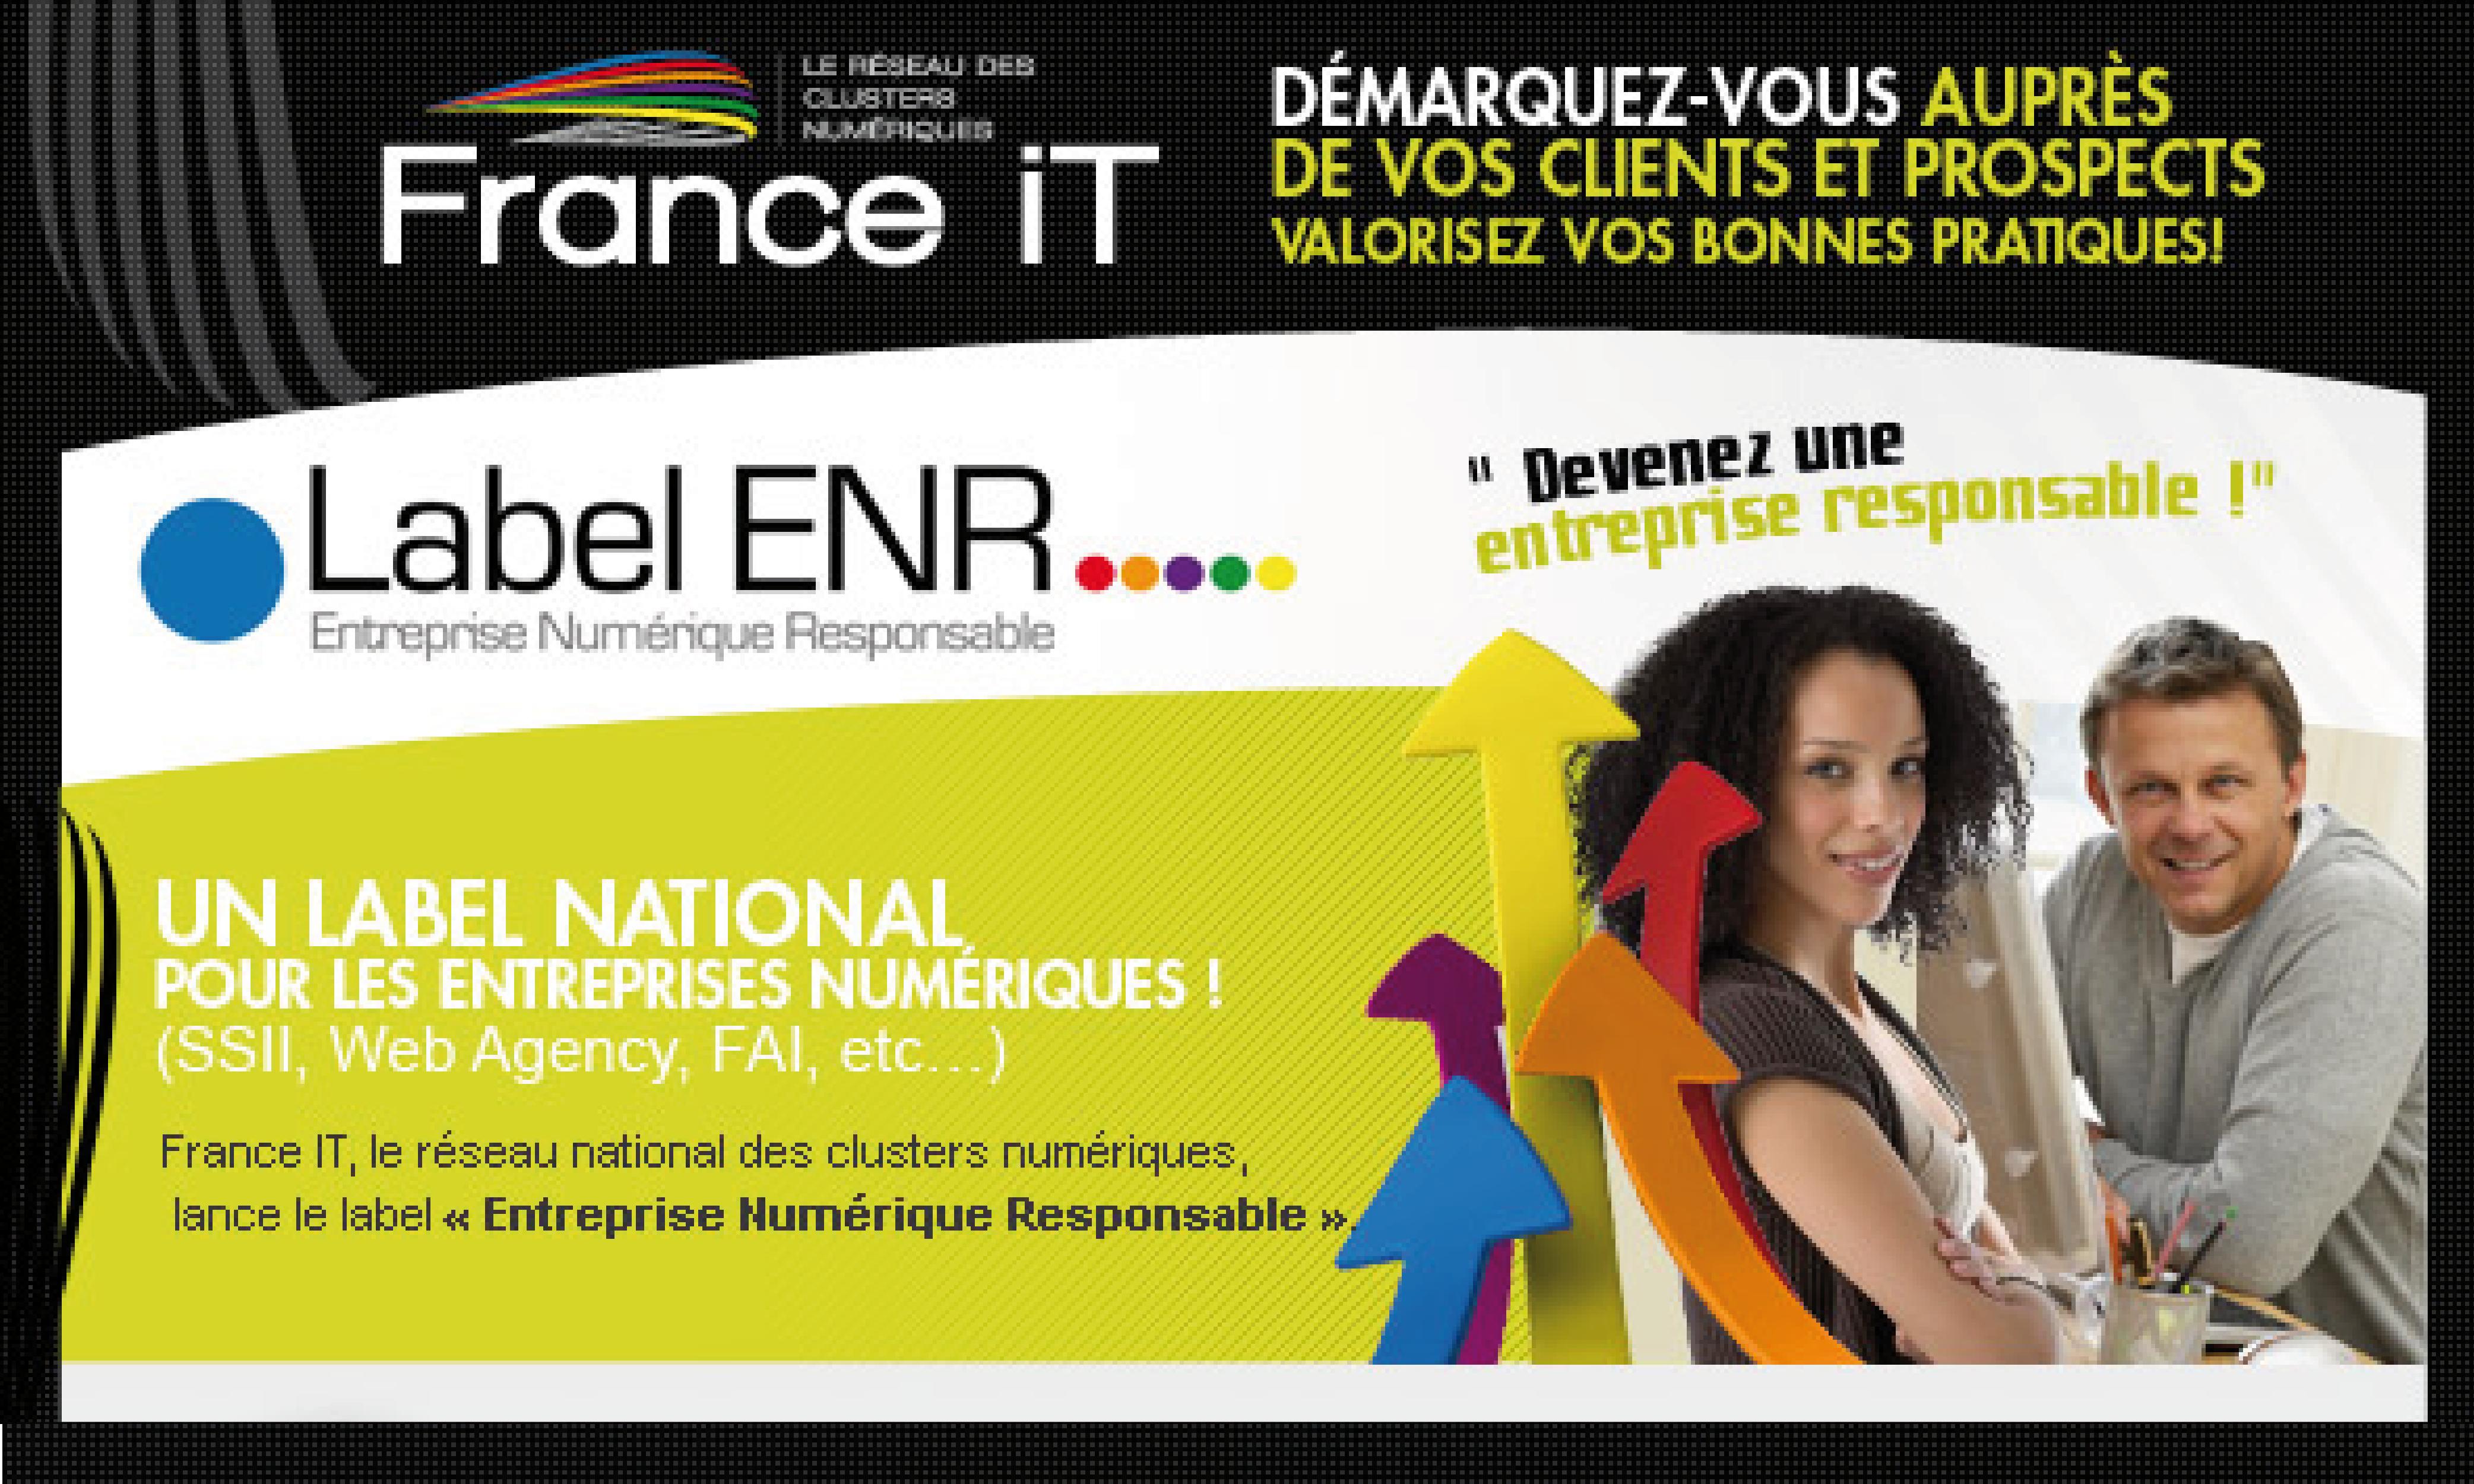 Label Entreprise Numerique Responsable